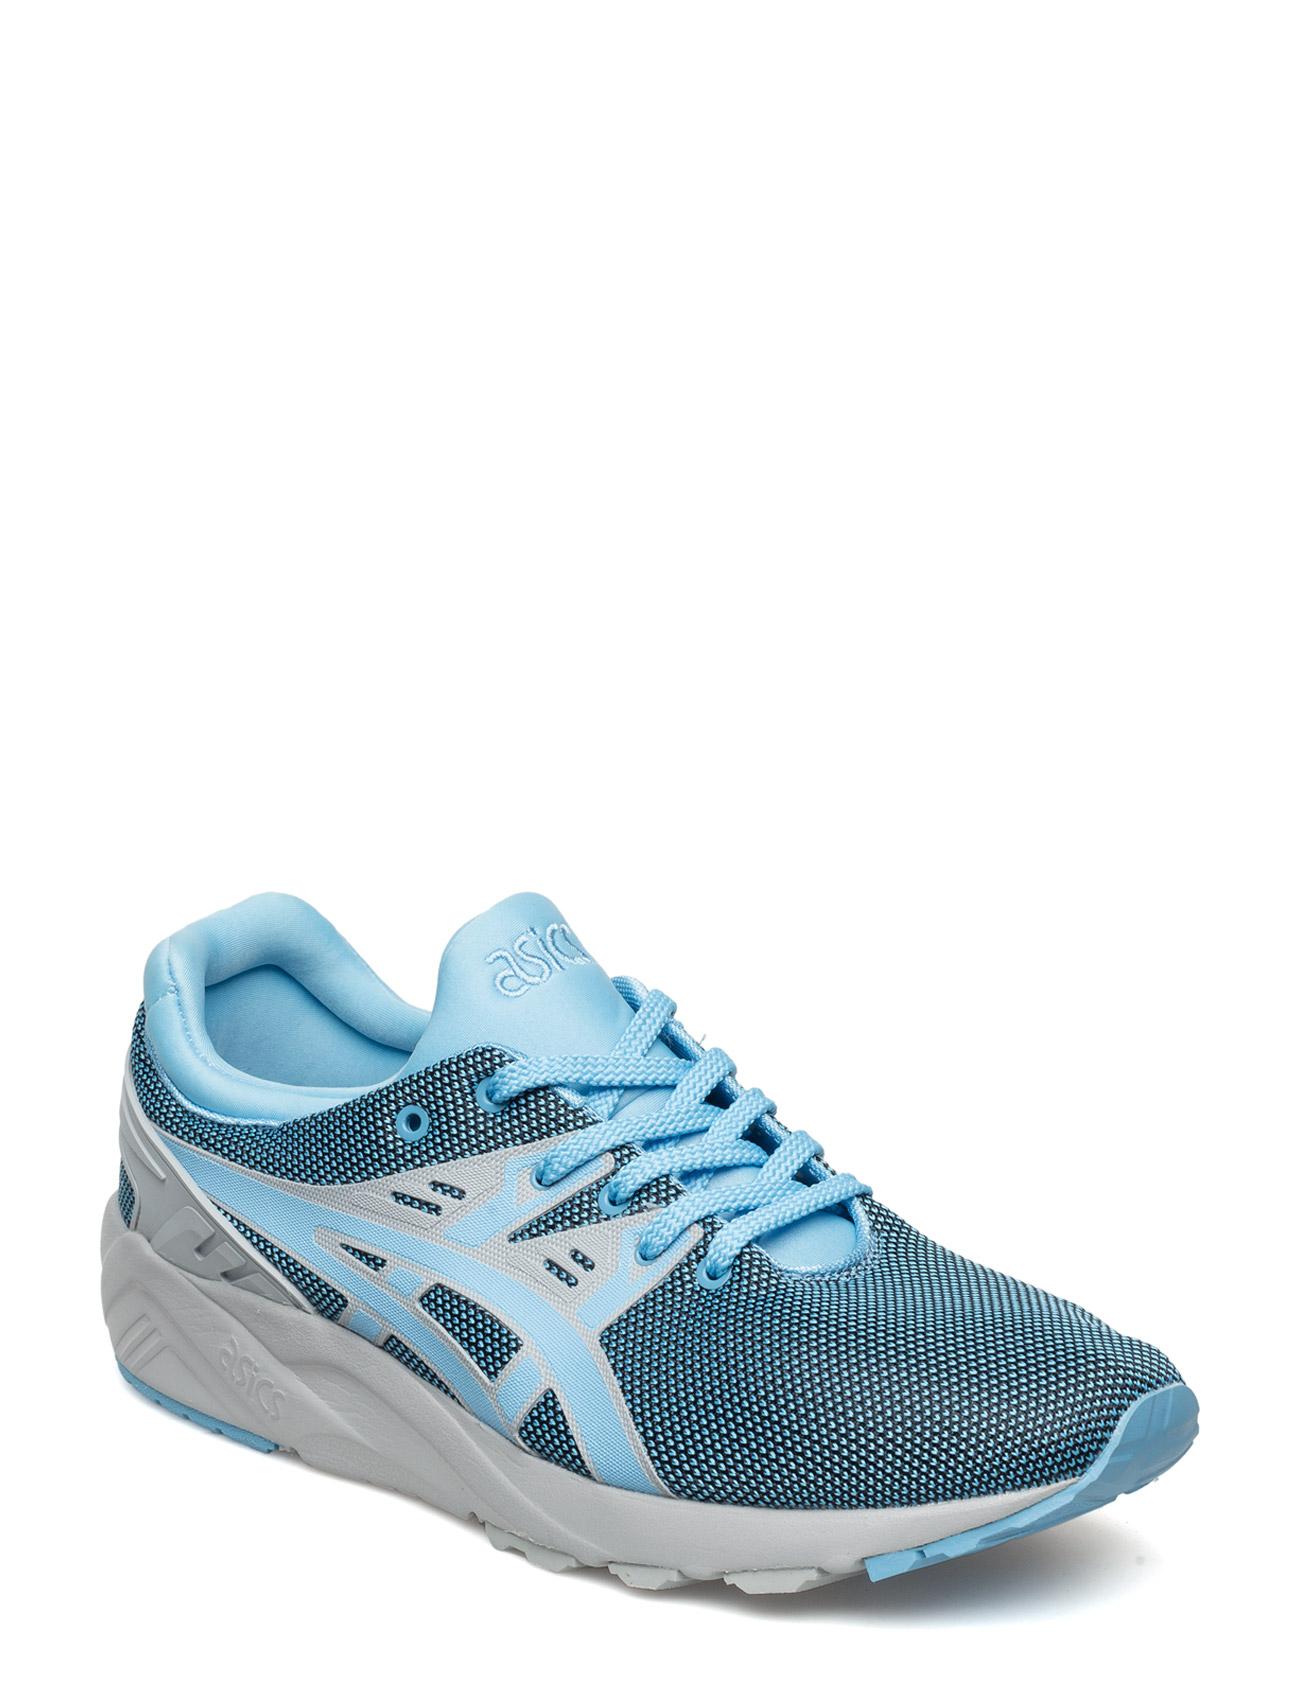 H6z4n- Gel-Kayano Trainer Evo Asics Sneakers til Herrer i